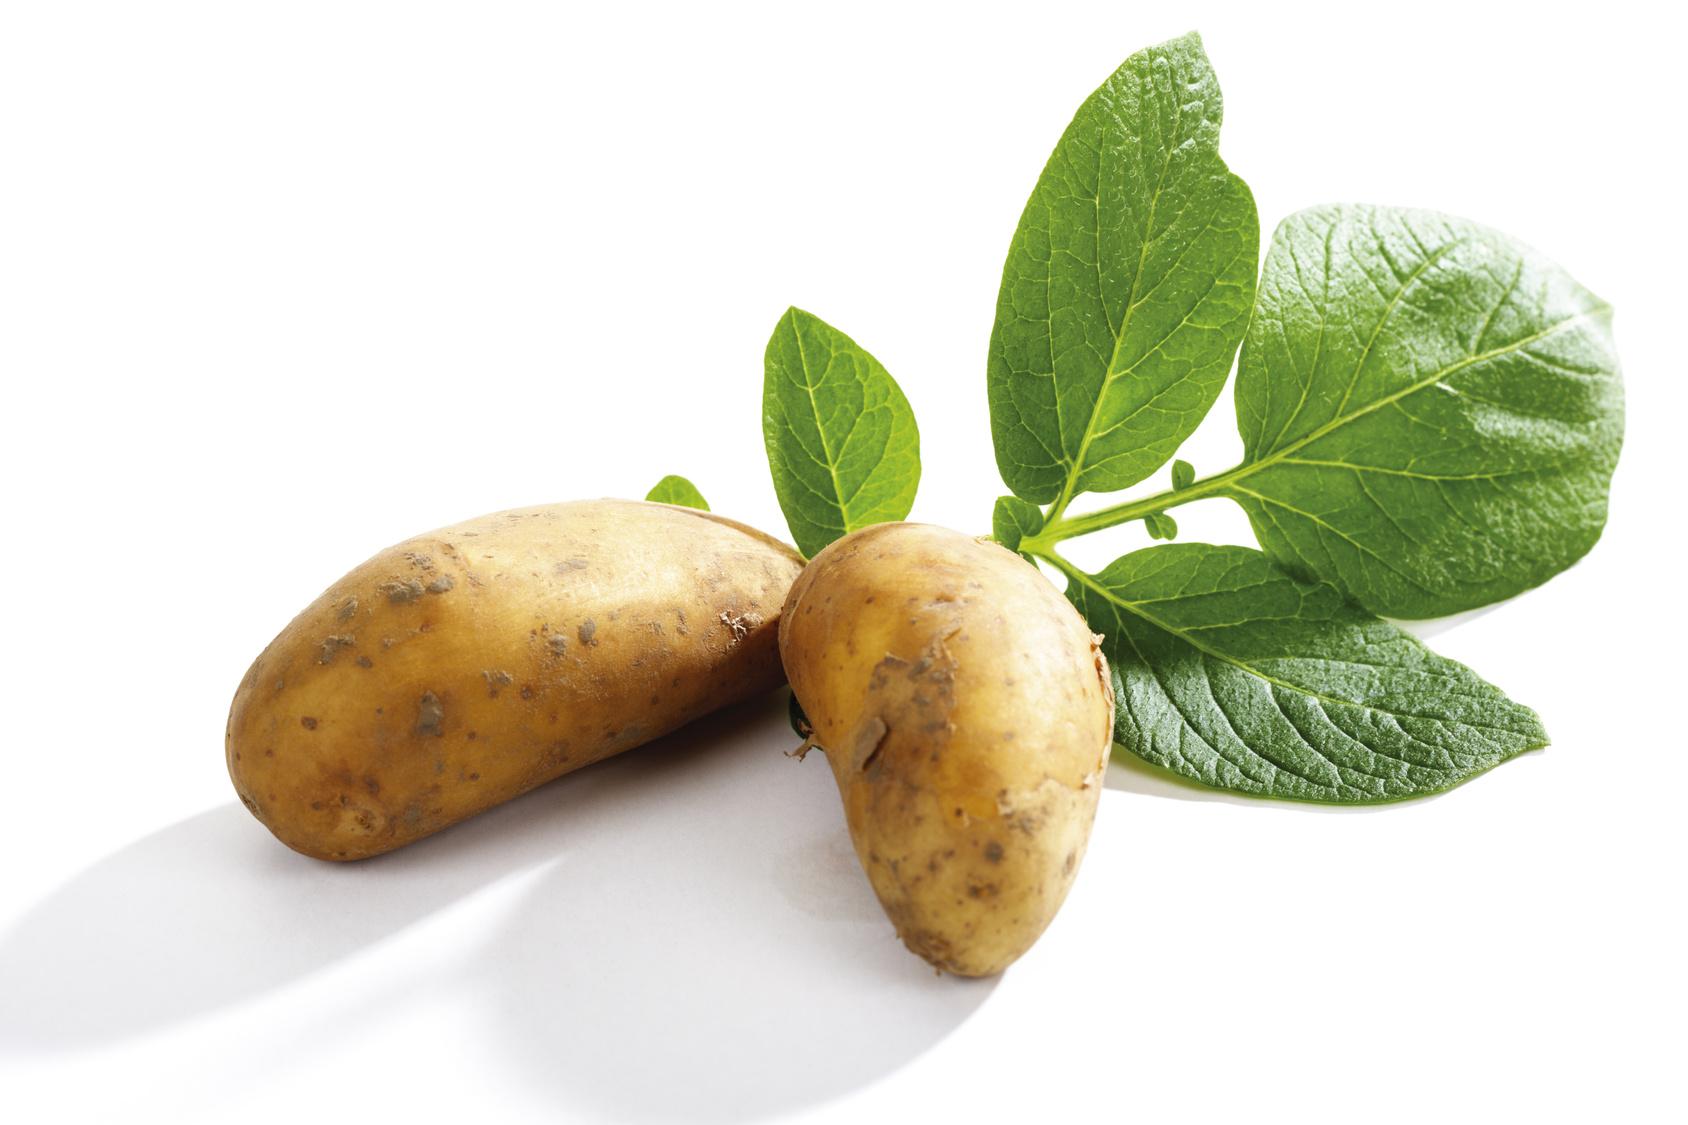 Fiche de renseignements des pommes de terre